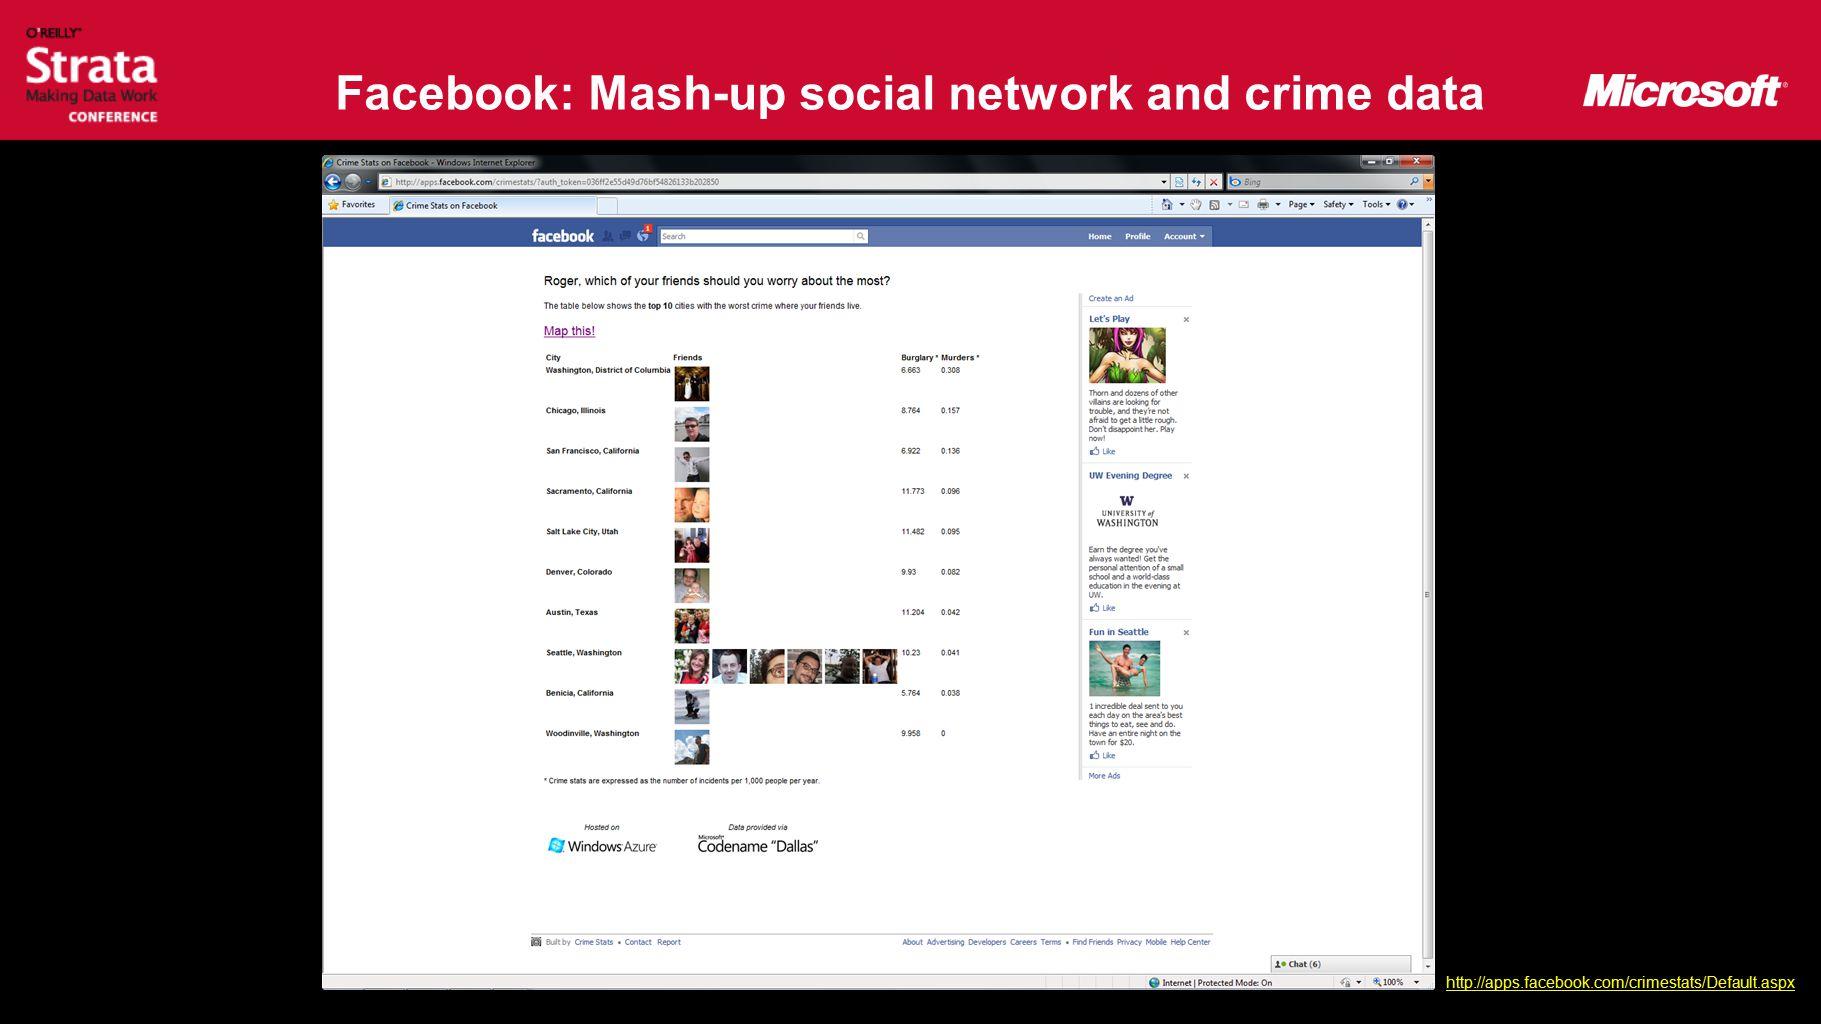 Facebook: Mash-up social network and crime data http://apps.facebook.com/crimestats/Default.aspx